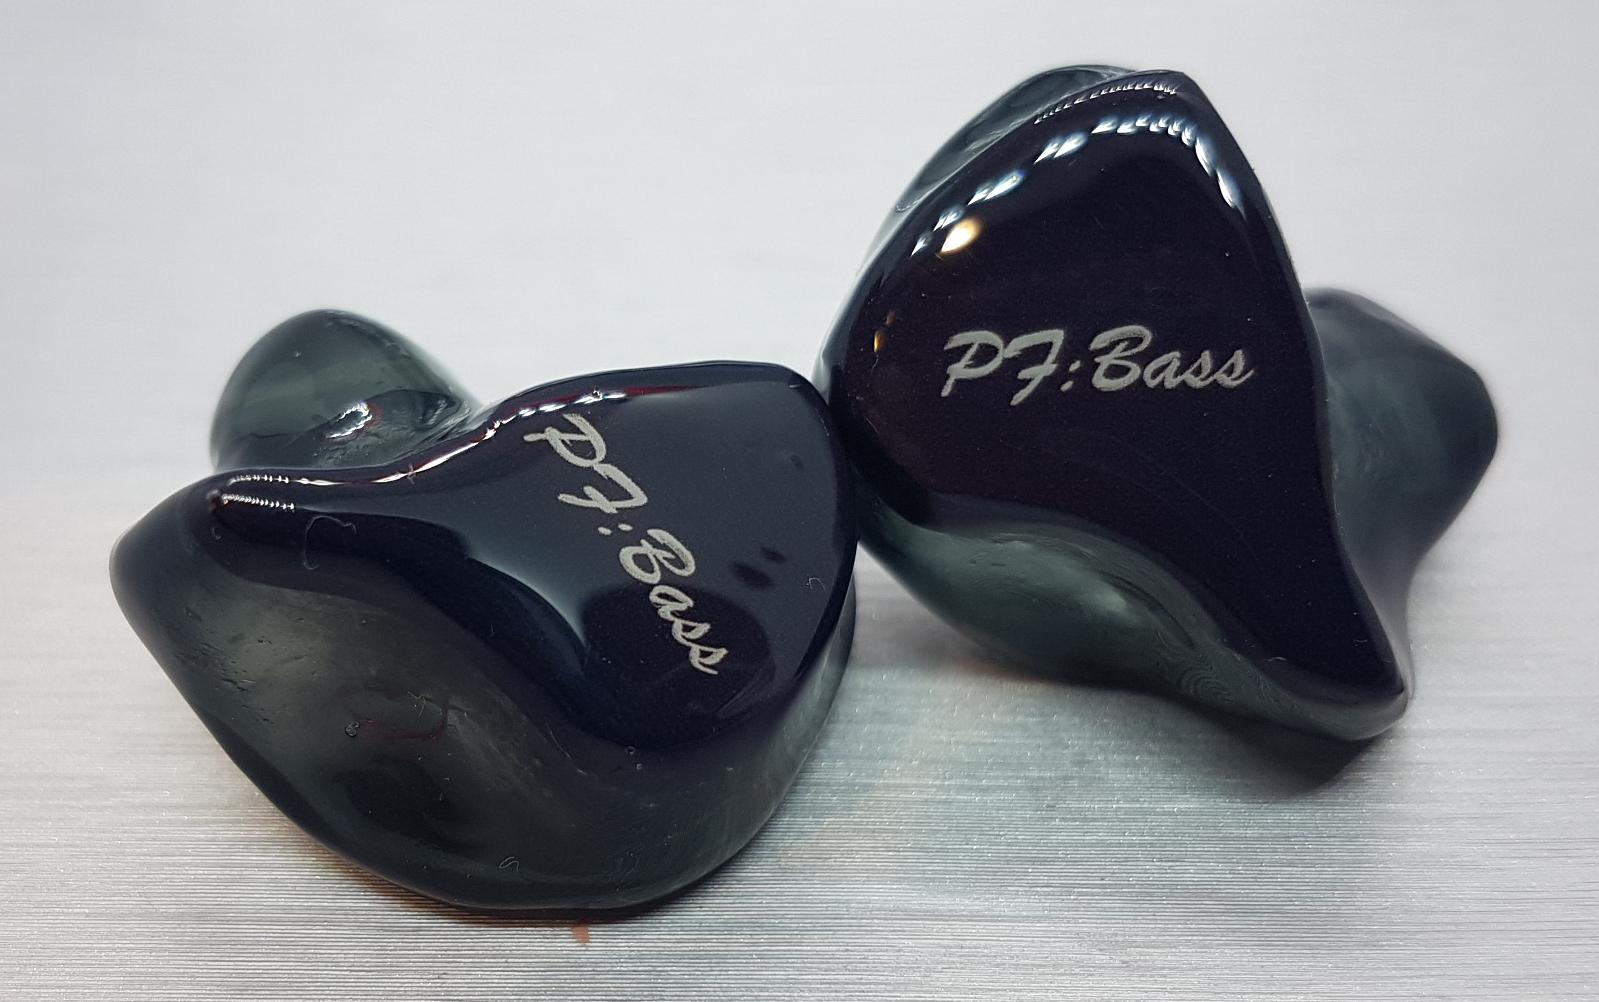 PF:Bass